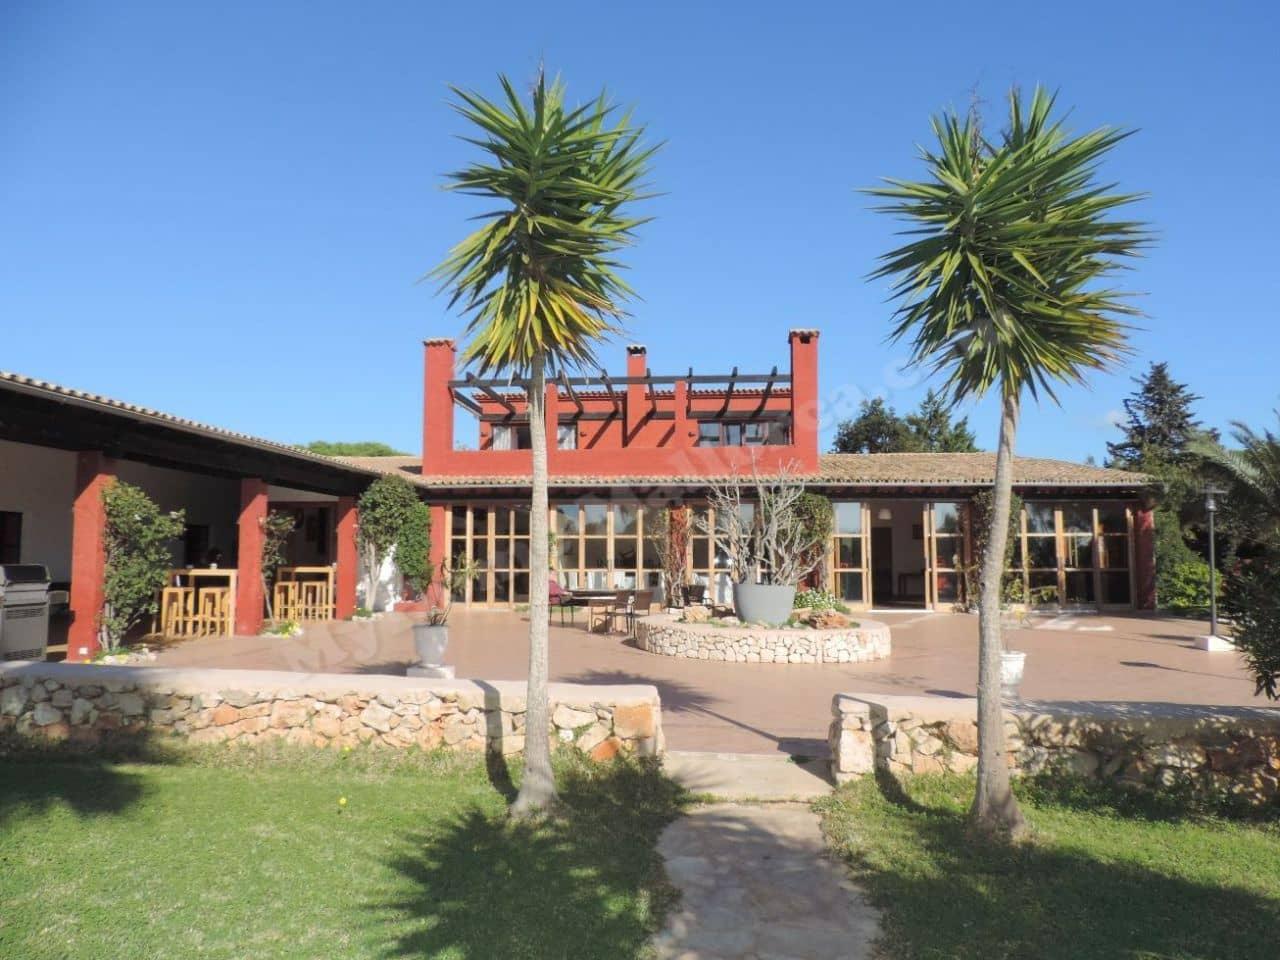 Restaurant/Bar à vendre à Portocolom avec piscine - 1 450 000 € (Ref: 3206849)